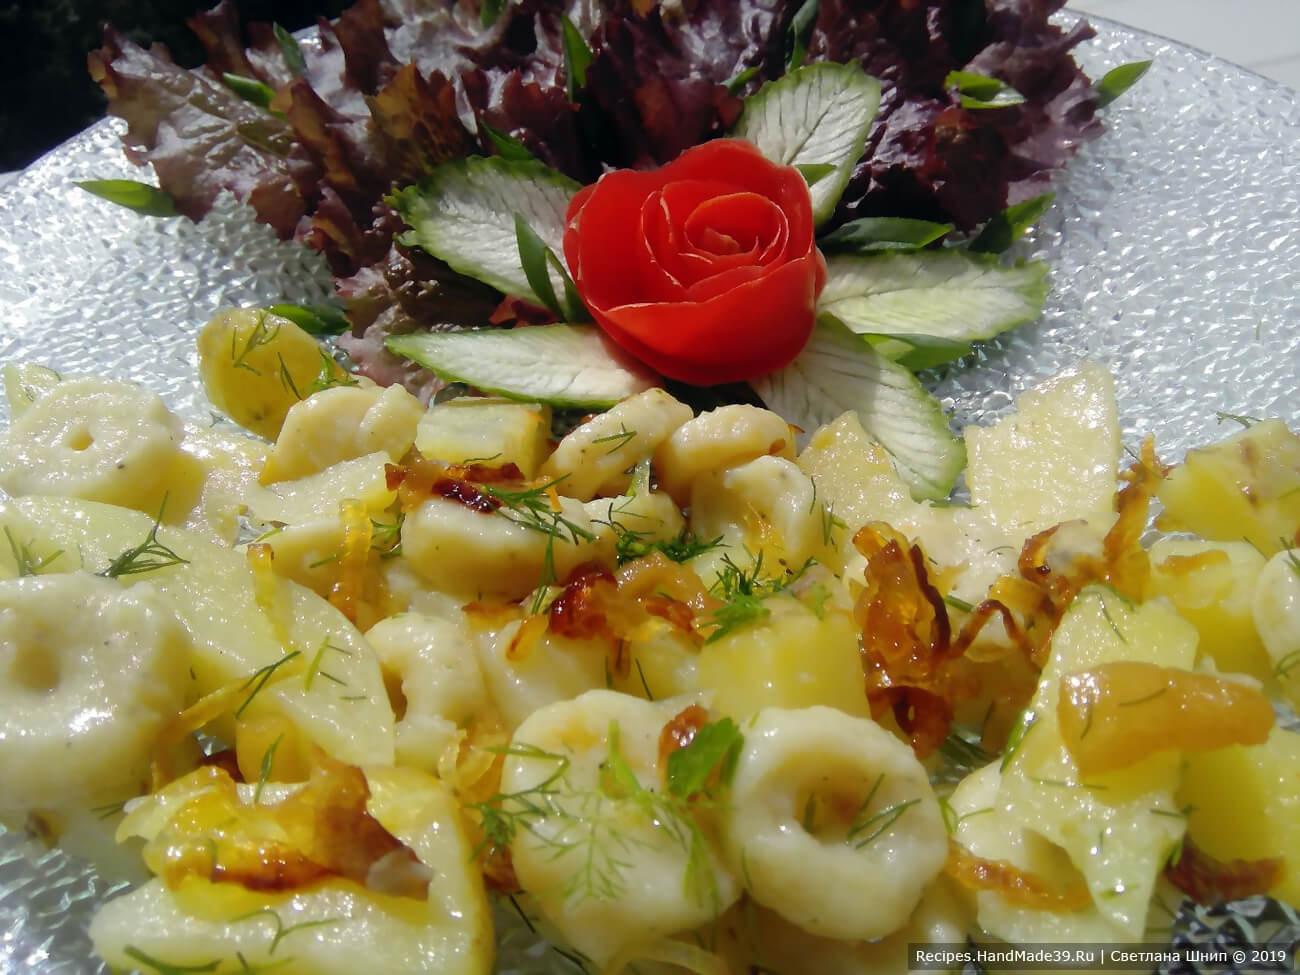 Галушки следует сразу разложить на тарелки, пока блюдо не остыло. Сверху выложить жареный лук, поперчить. По желанию добавить зелень. Подавать со сметаной